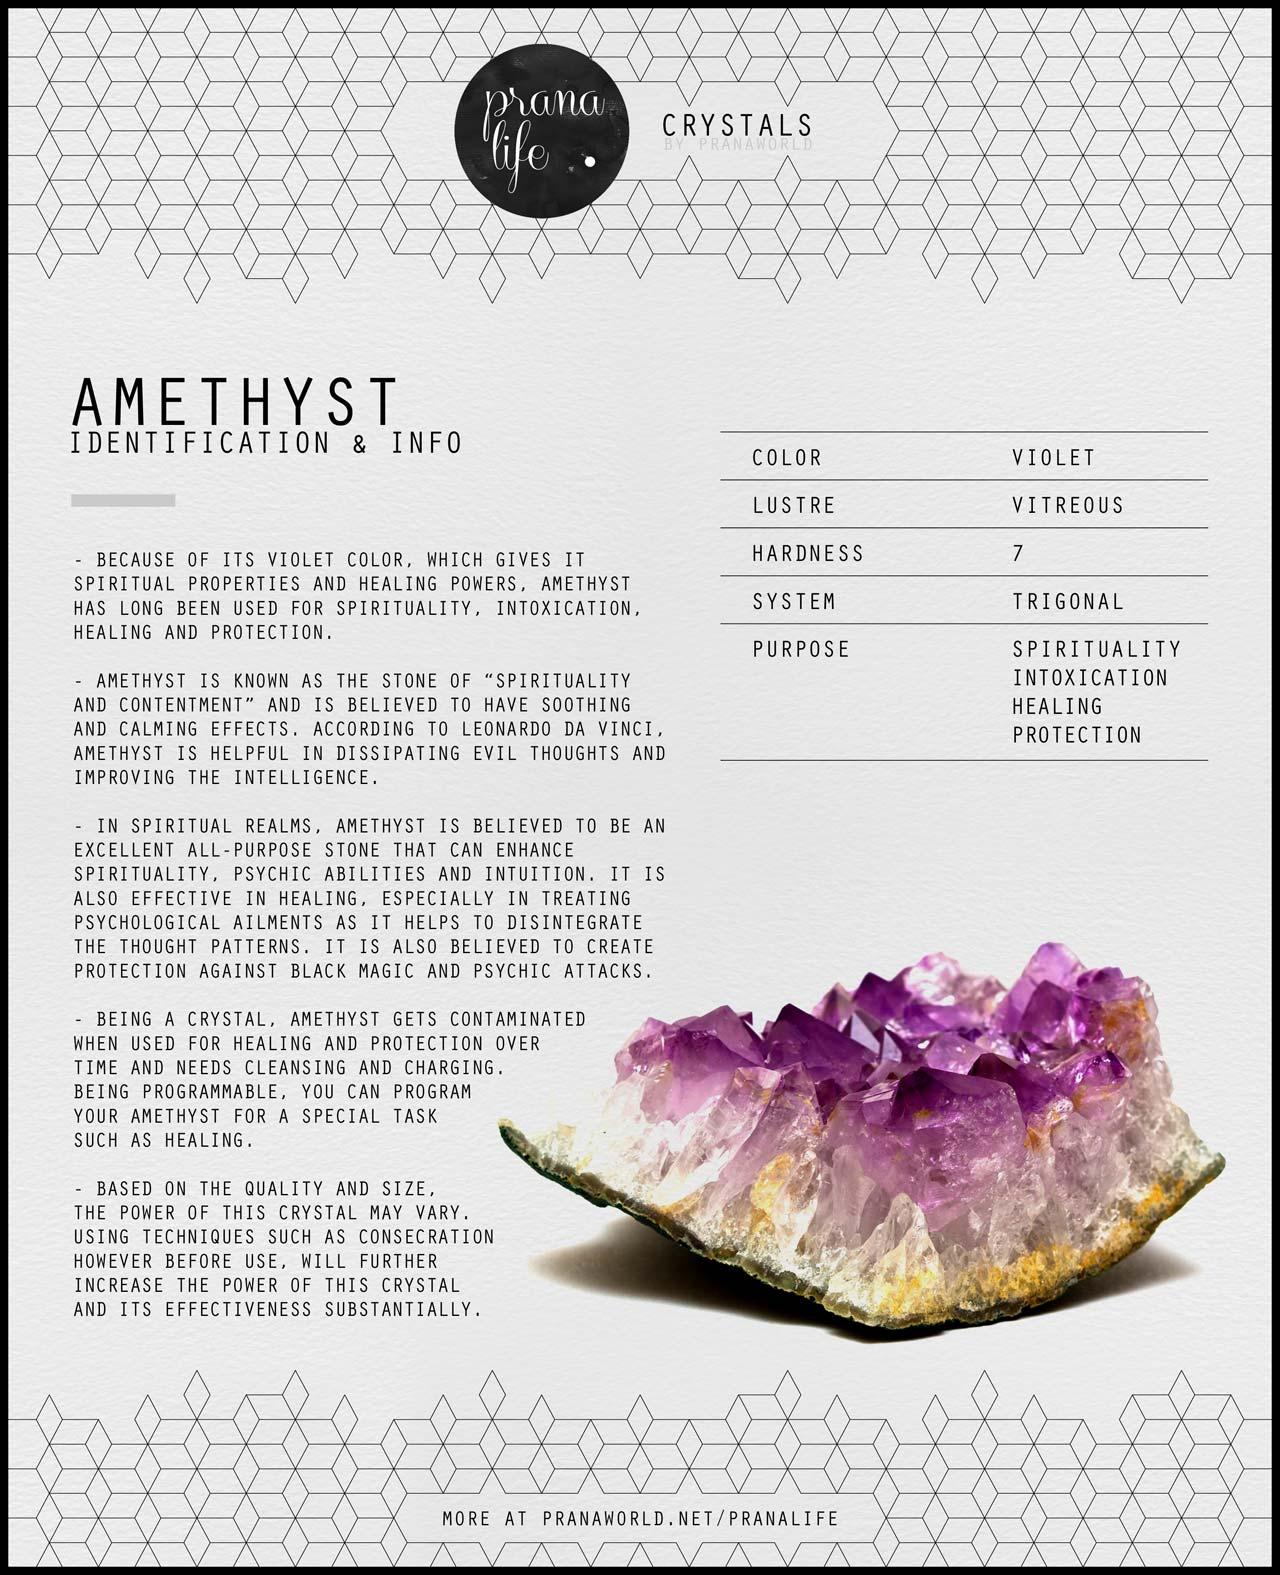 Amethyst ID